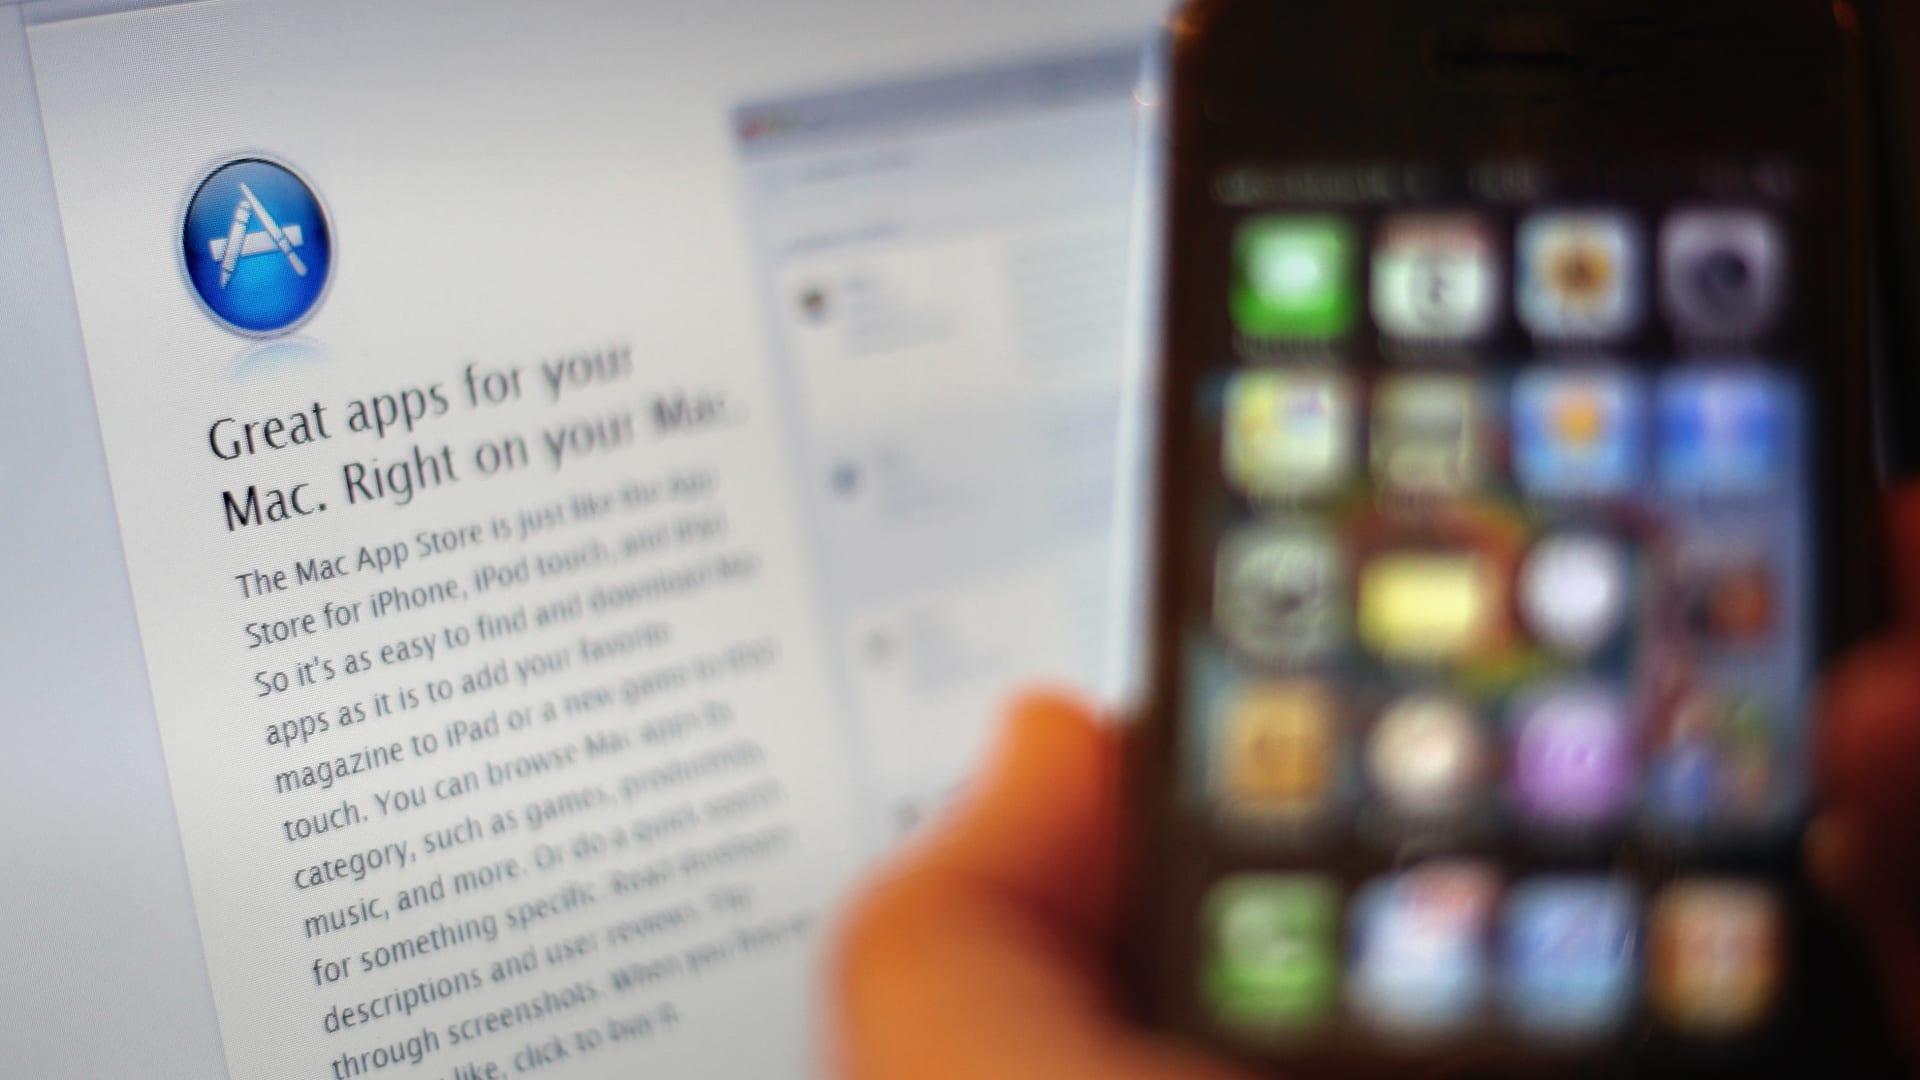 """المملكة المتحدة تفتح تحقيقاً في ممارسات متجر تطبيقات """"آبل"""""""